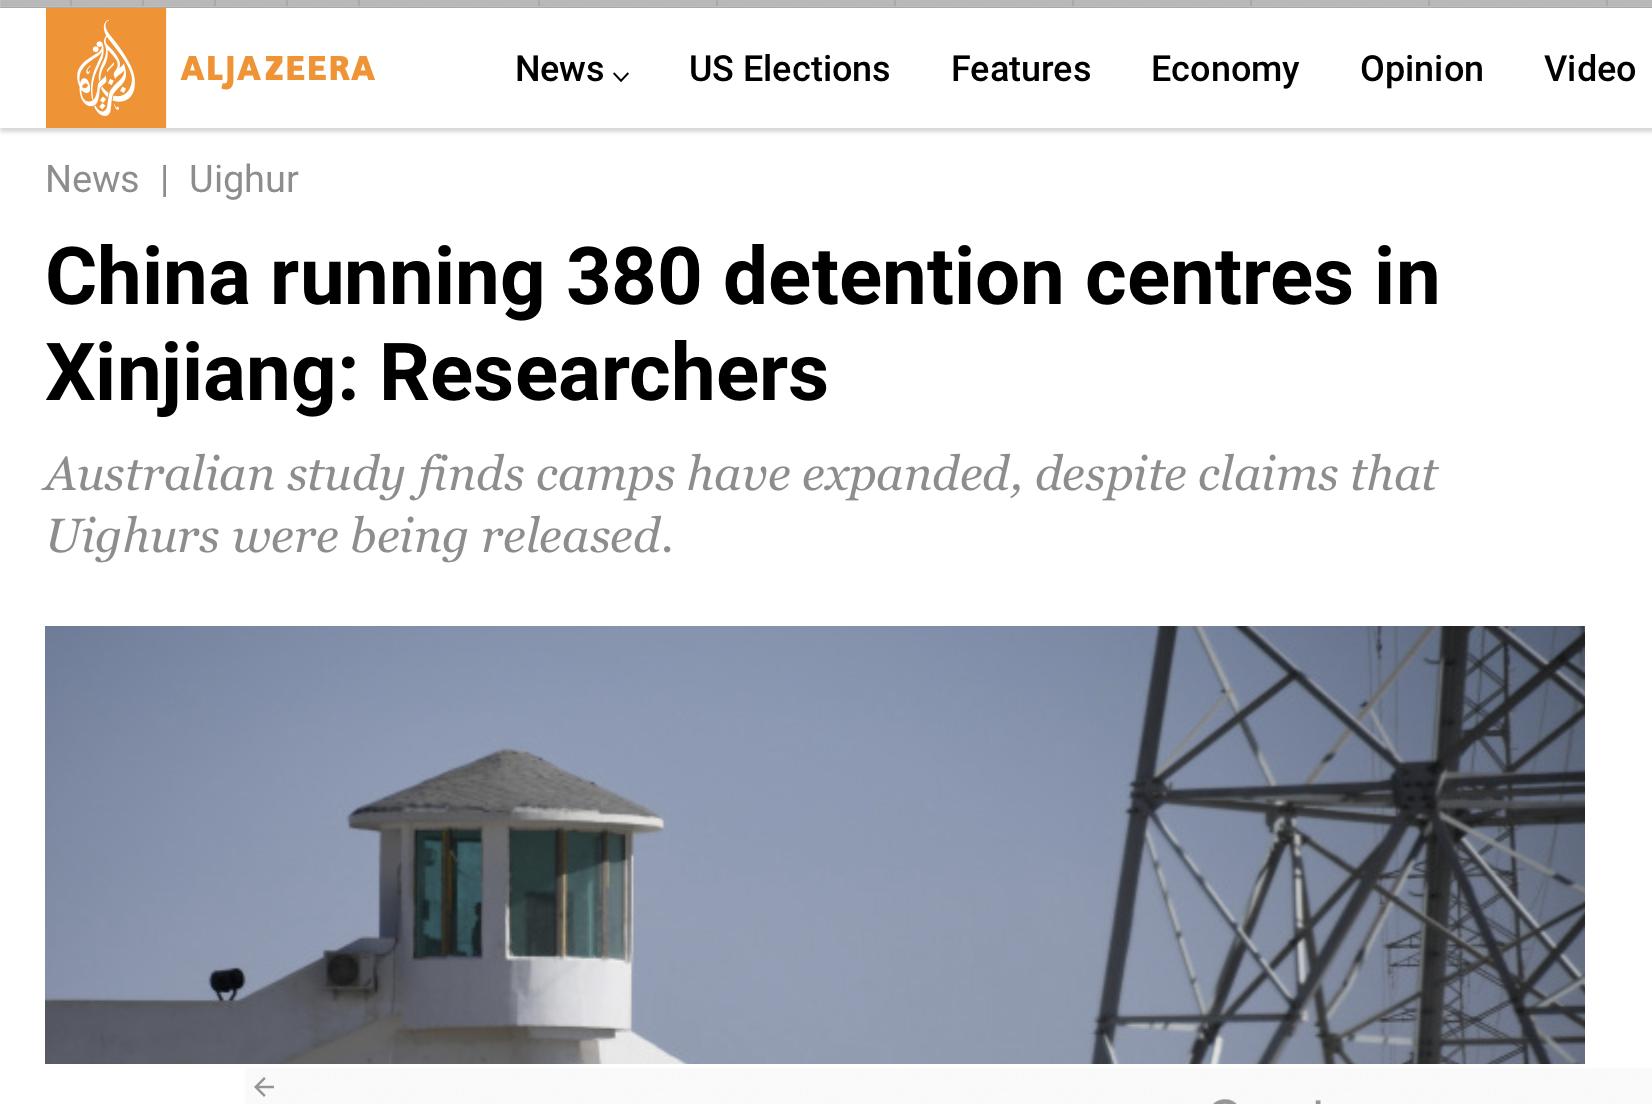 9月24日(週四),澳大利亞戰略政策研究所發布一項研究結果顯示,中共在新疆建了380多個疑似監獄的「再教育營」。(網絡截圖)